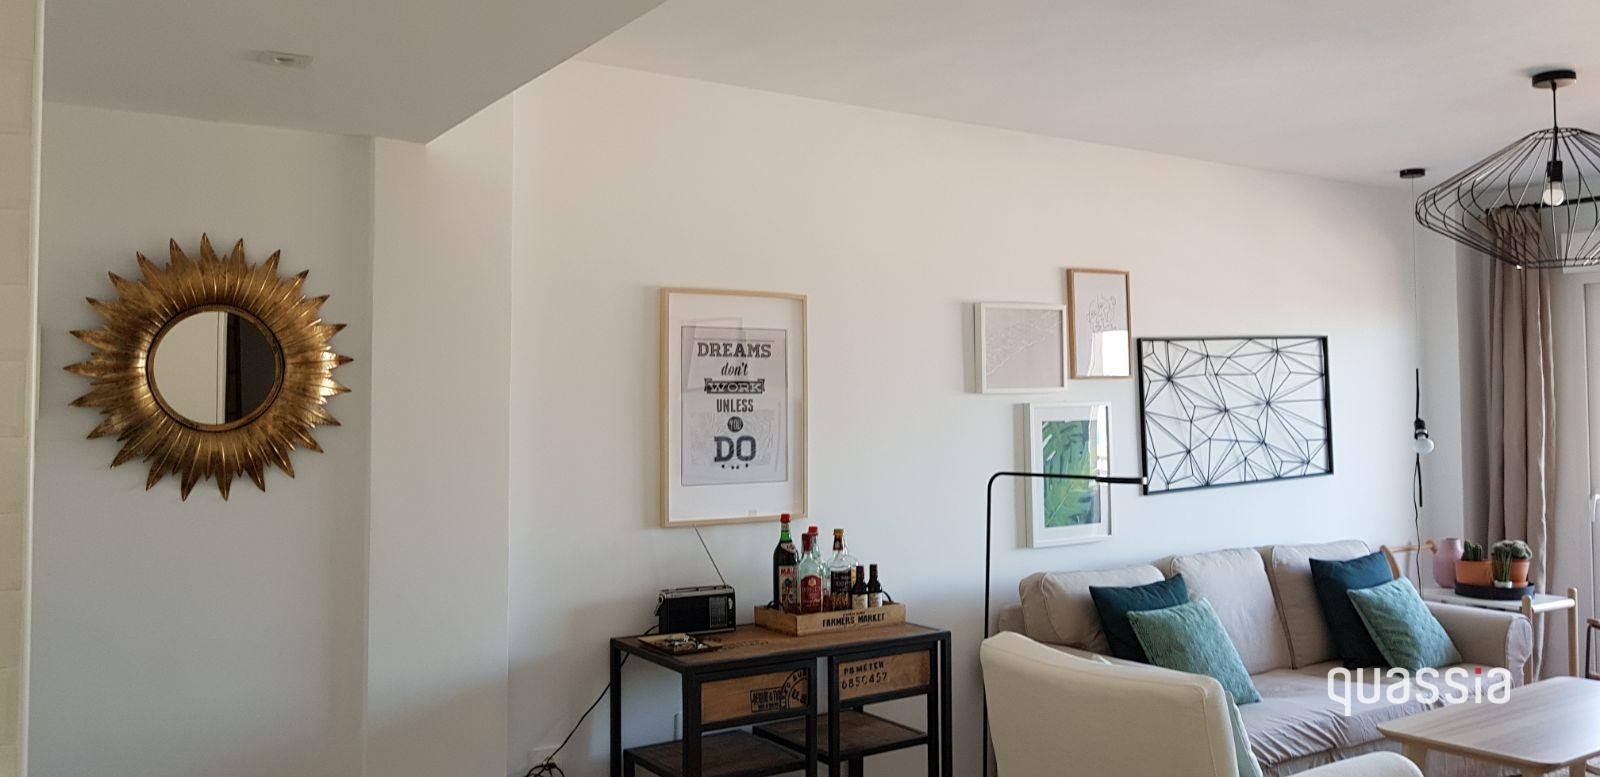 Reforma apartamento Fuengirola por Quassia (30)